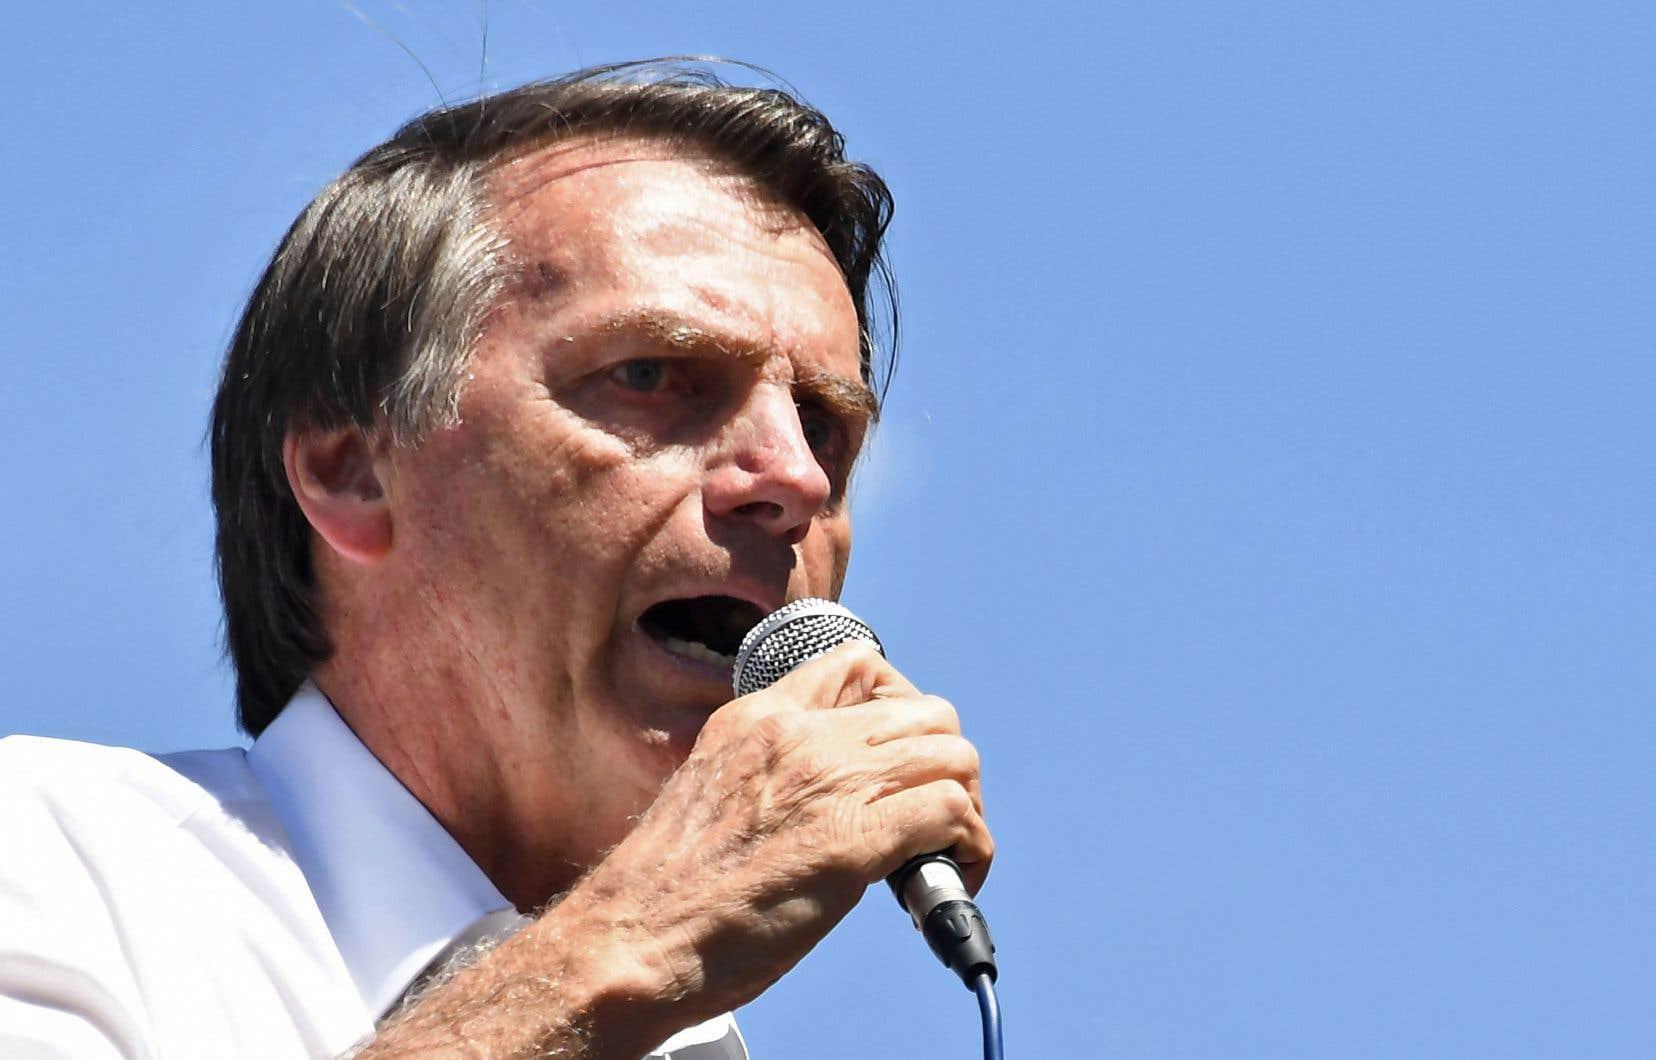 Le candidat à l'élection présidentielle a été attaqué àJuiz de Fora, une localité de 700000 habitants dans l'État du Minais Gerais (au sud-est du pays).